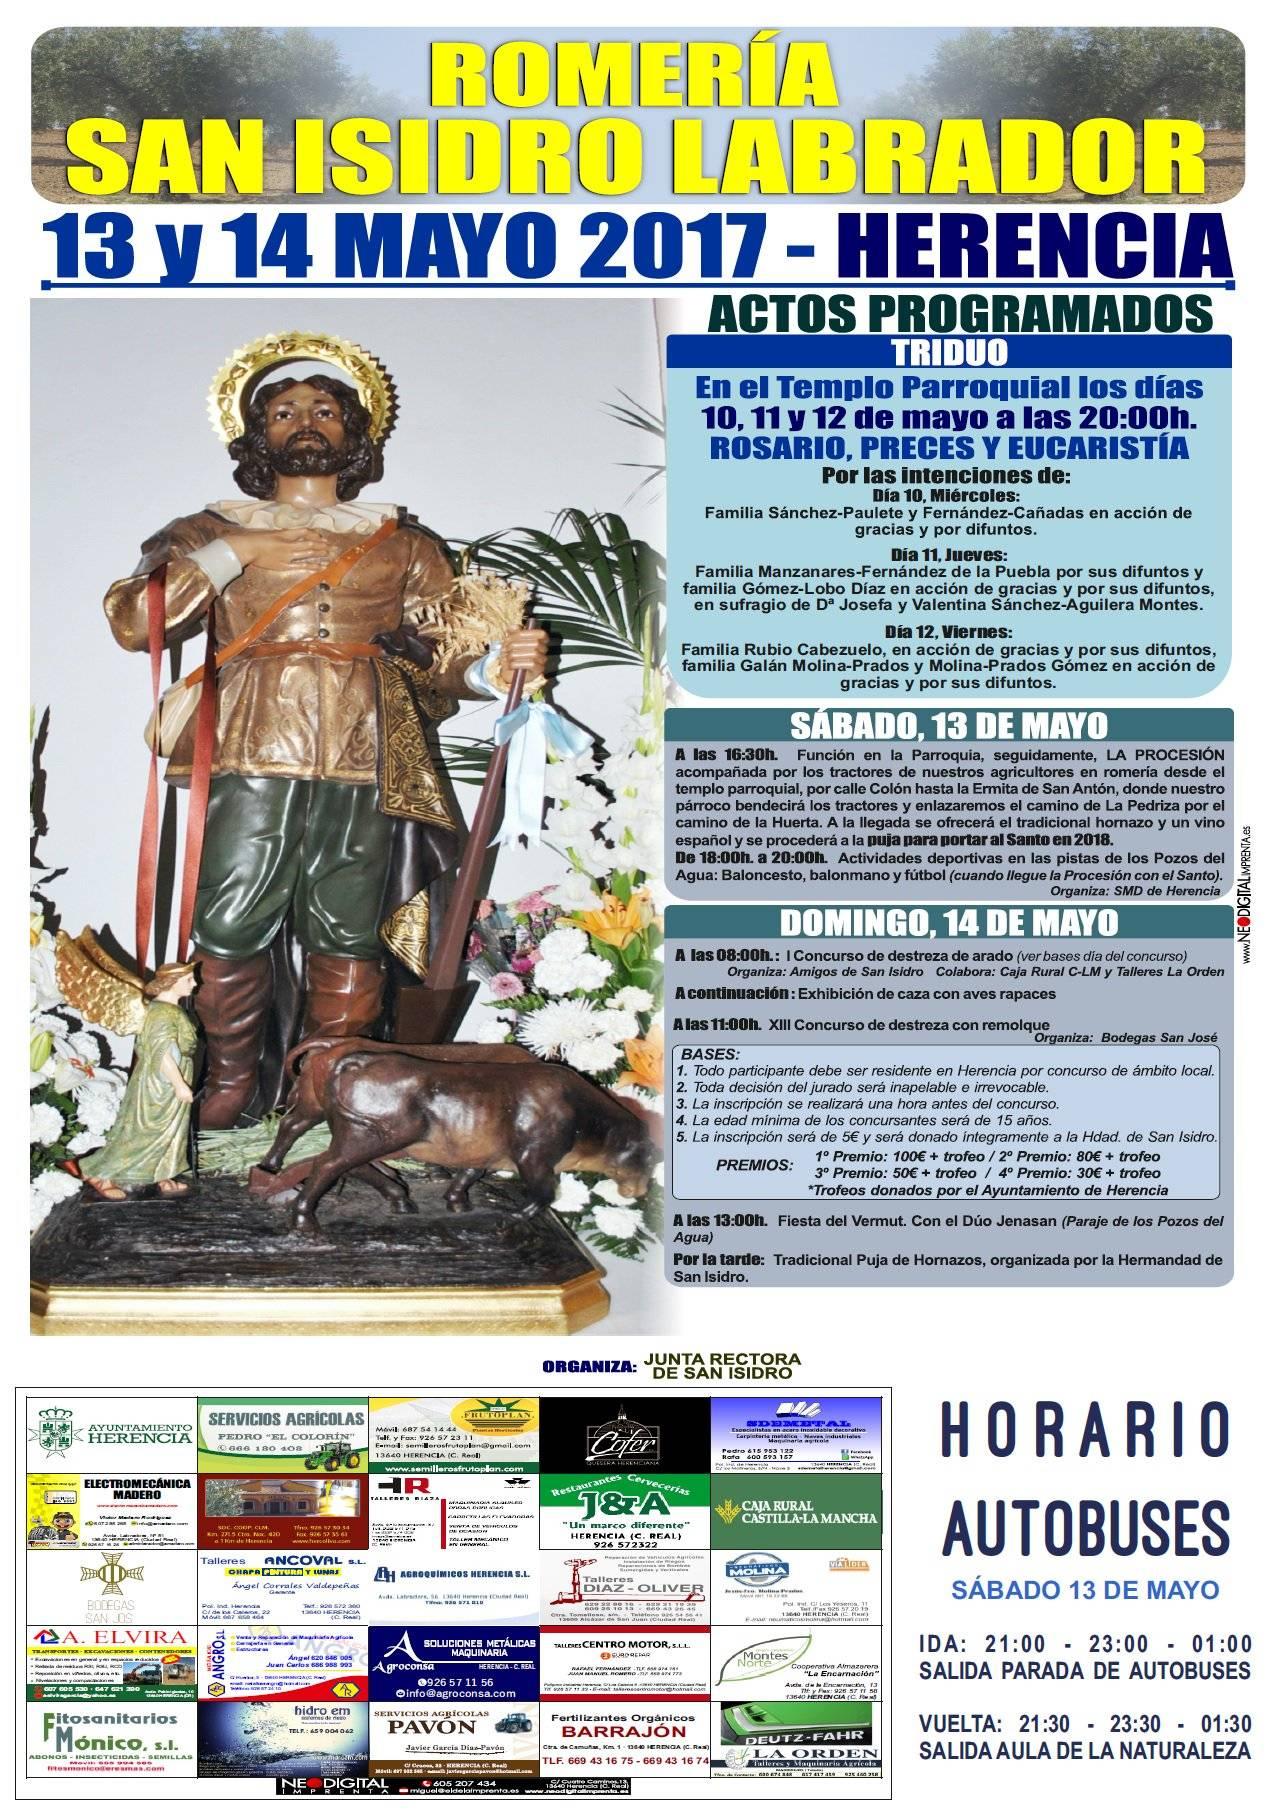 Este sábado se celebra la tradicional Romería de San Isidro Labrador 5